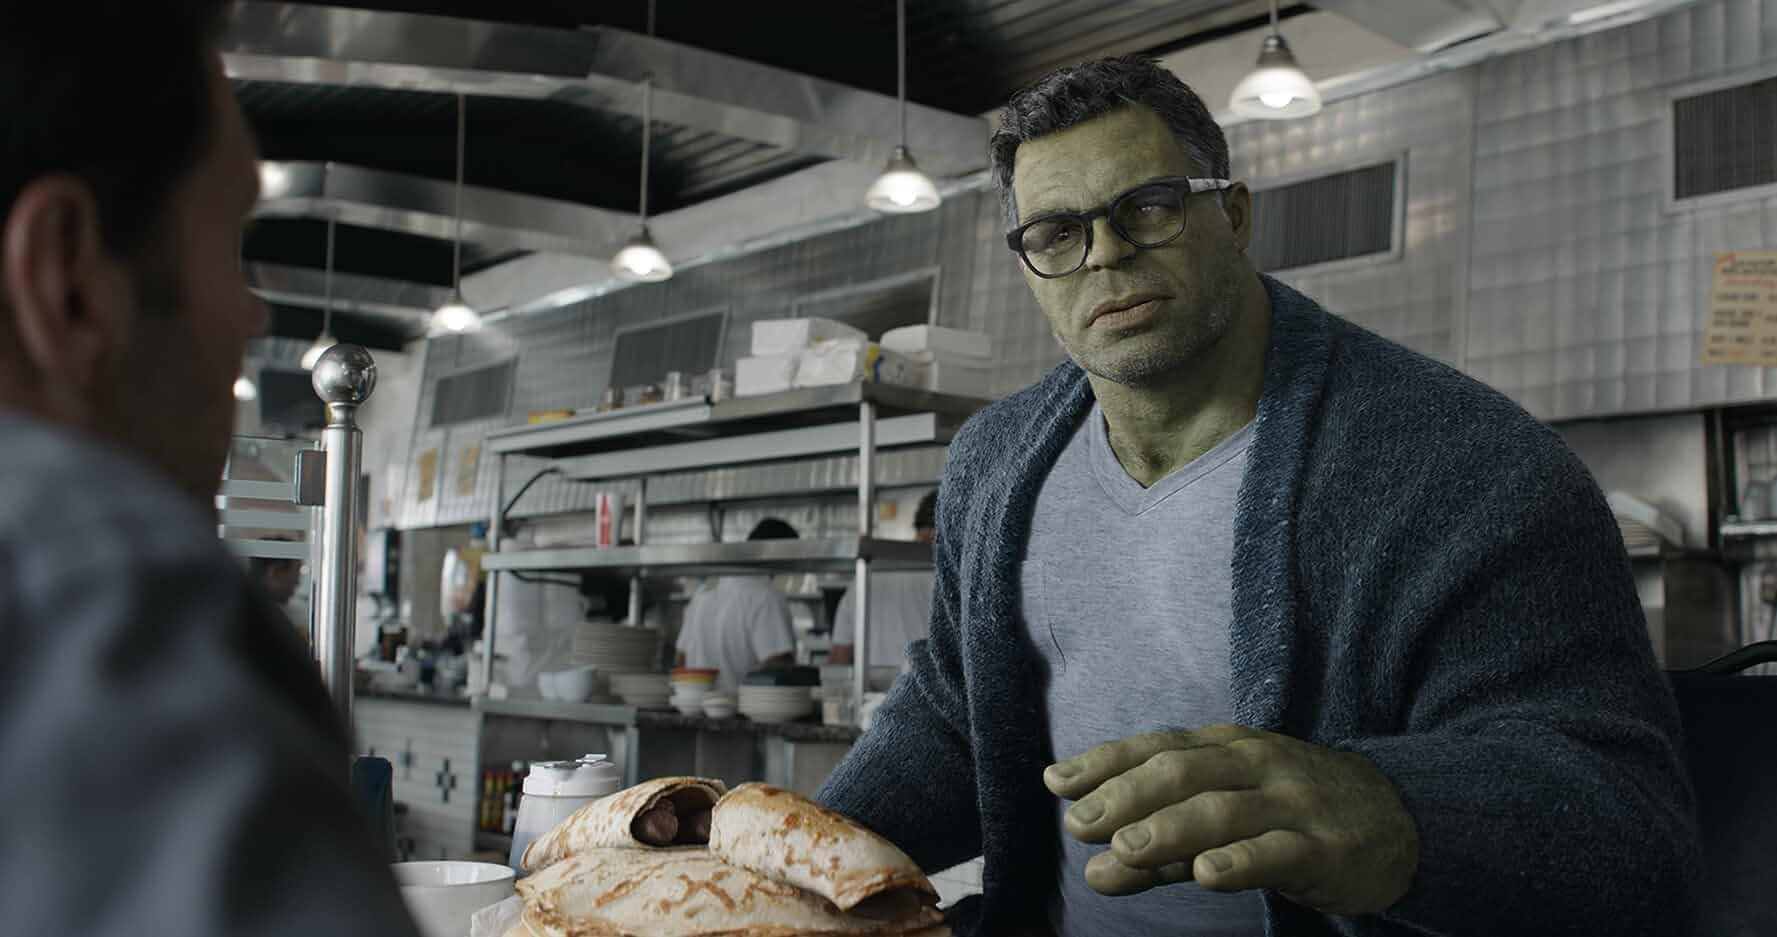 Paul Rudd and Mark Ruffalo in Avengers: Endgame (2019)